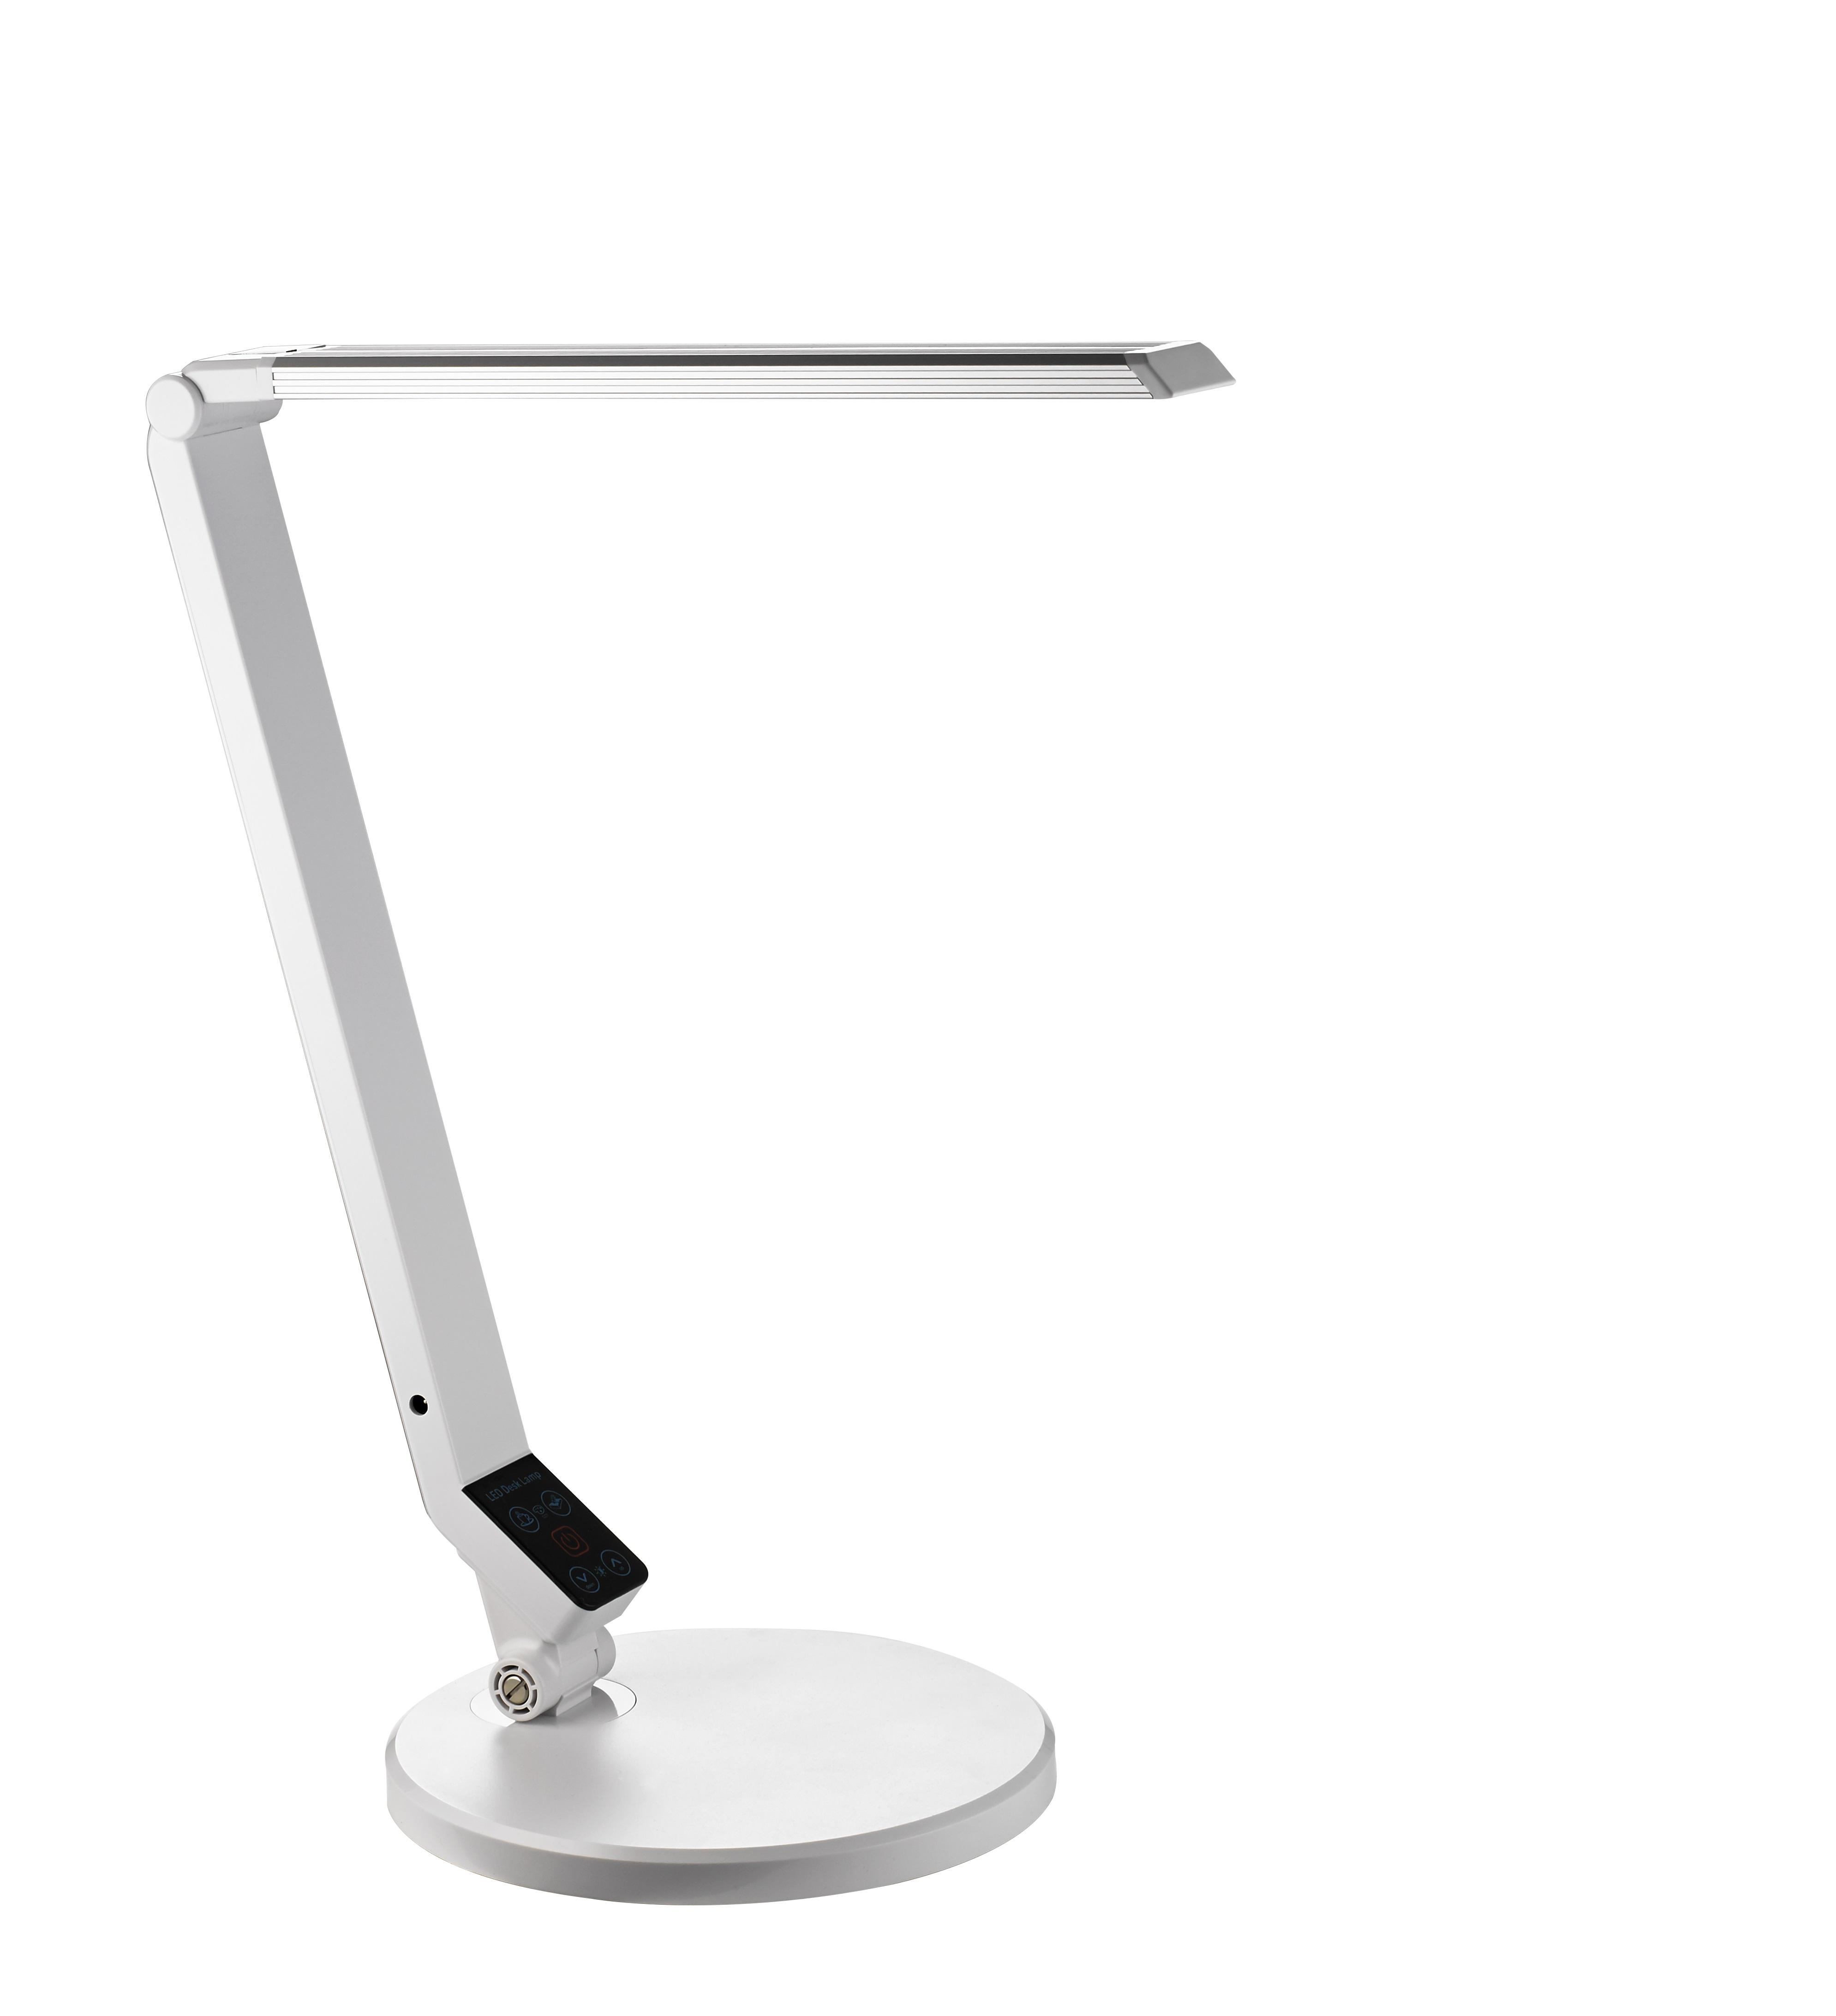 Lampa de birou cu led,  9W, 1100 lux - 35cm, ajustabila, ALCO - alba